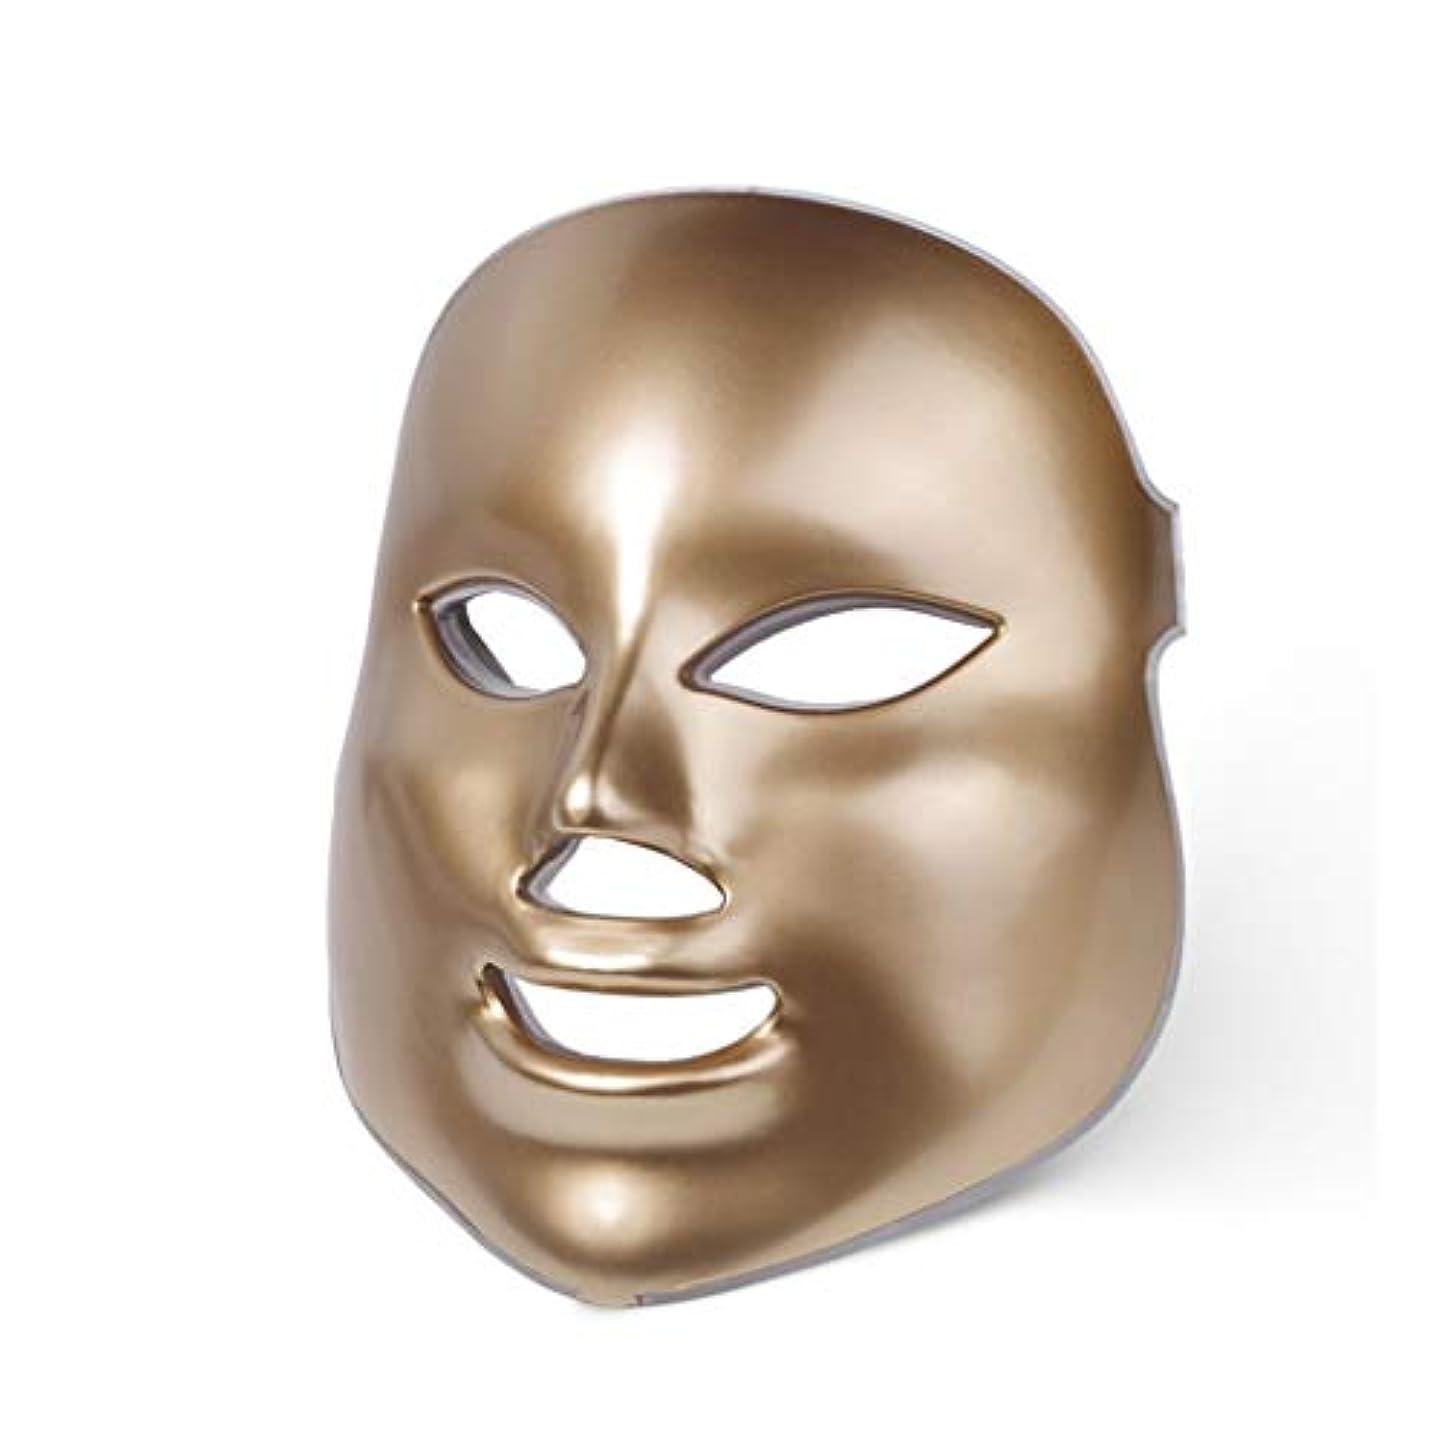 定義する正しいロールライトセラピー?マスク、LEDライトセラピーフォトン顔がマシン7色のアンチエイジングスキンケアライトセラピーにきびマスクトーニング、しわ、アクネホワイトニングゴールドマスクマスク (Color : Gold)